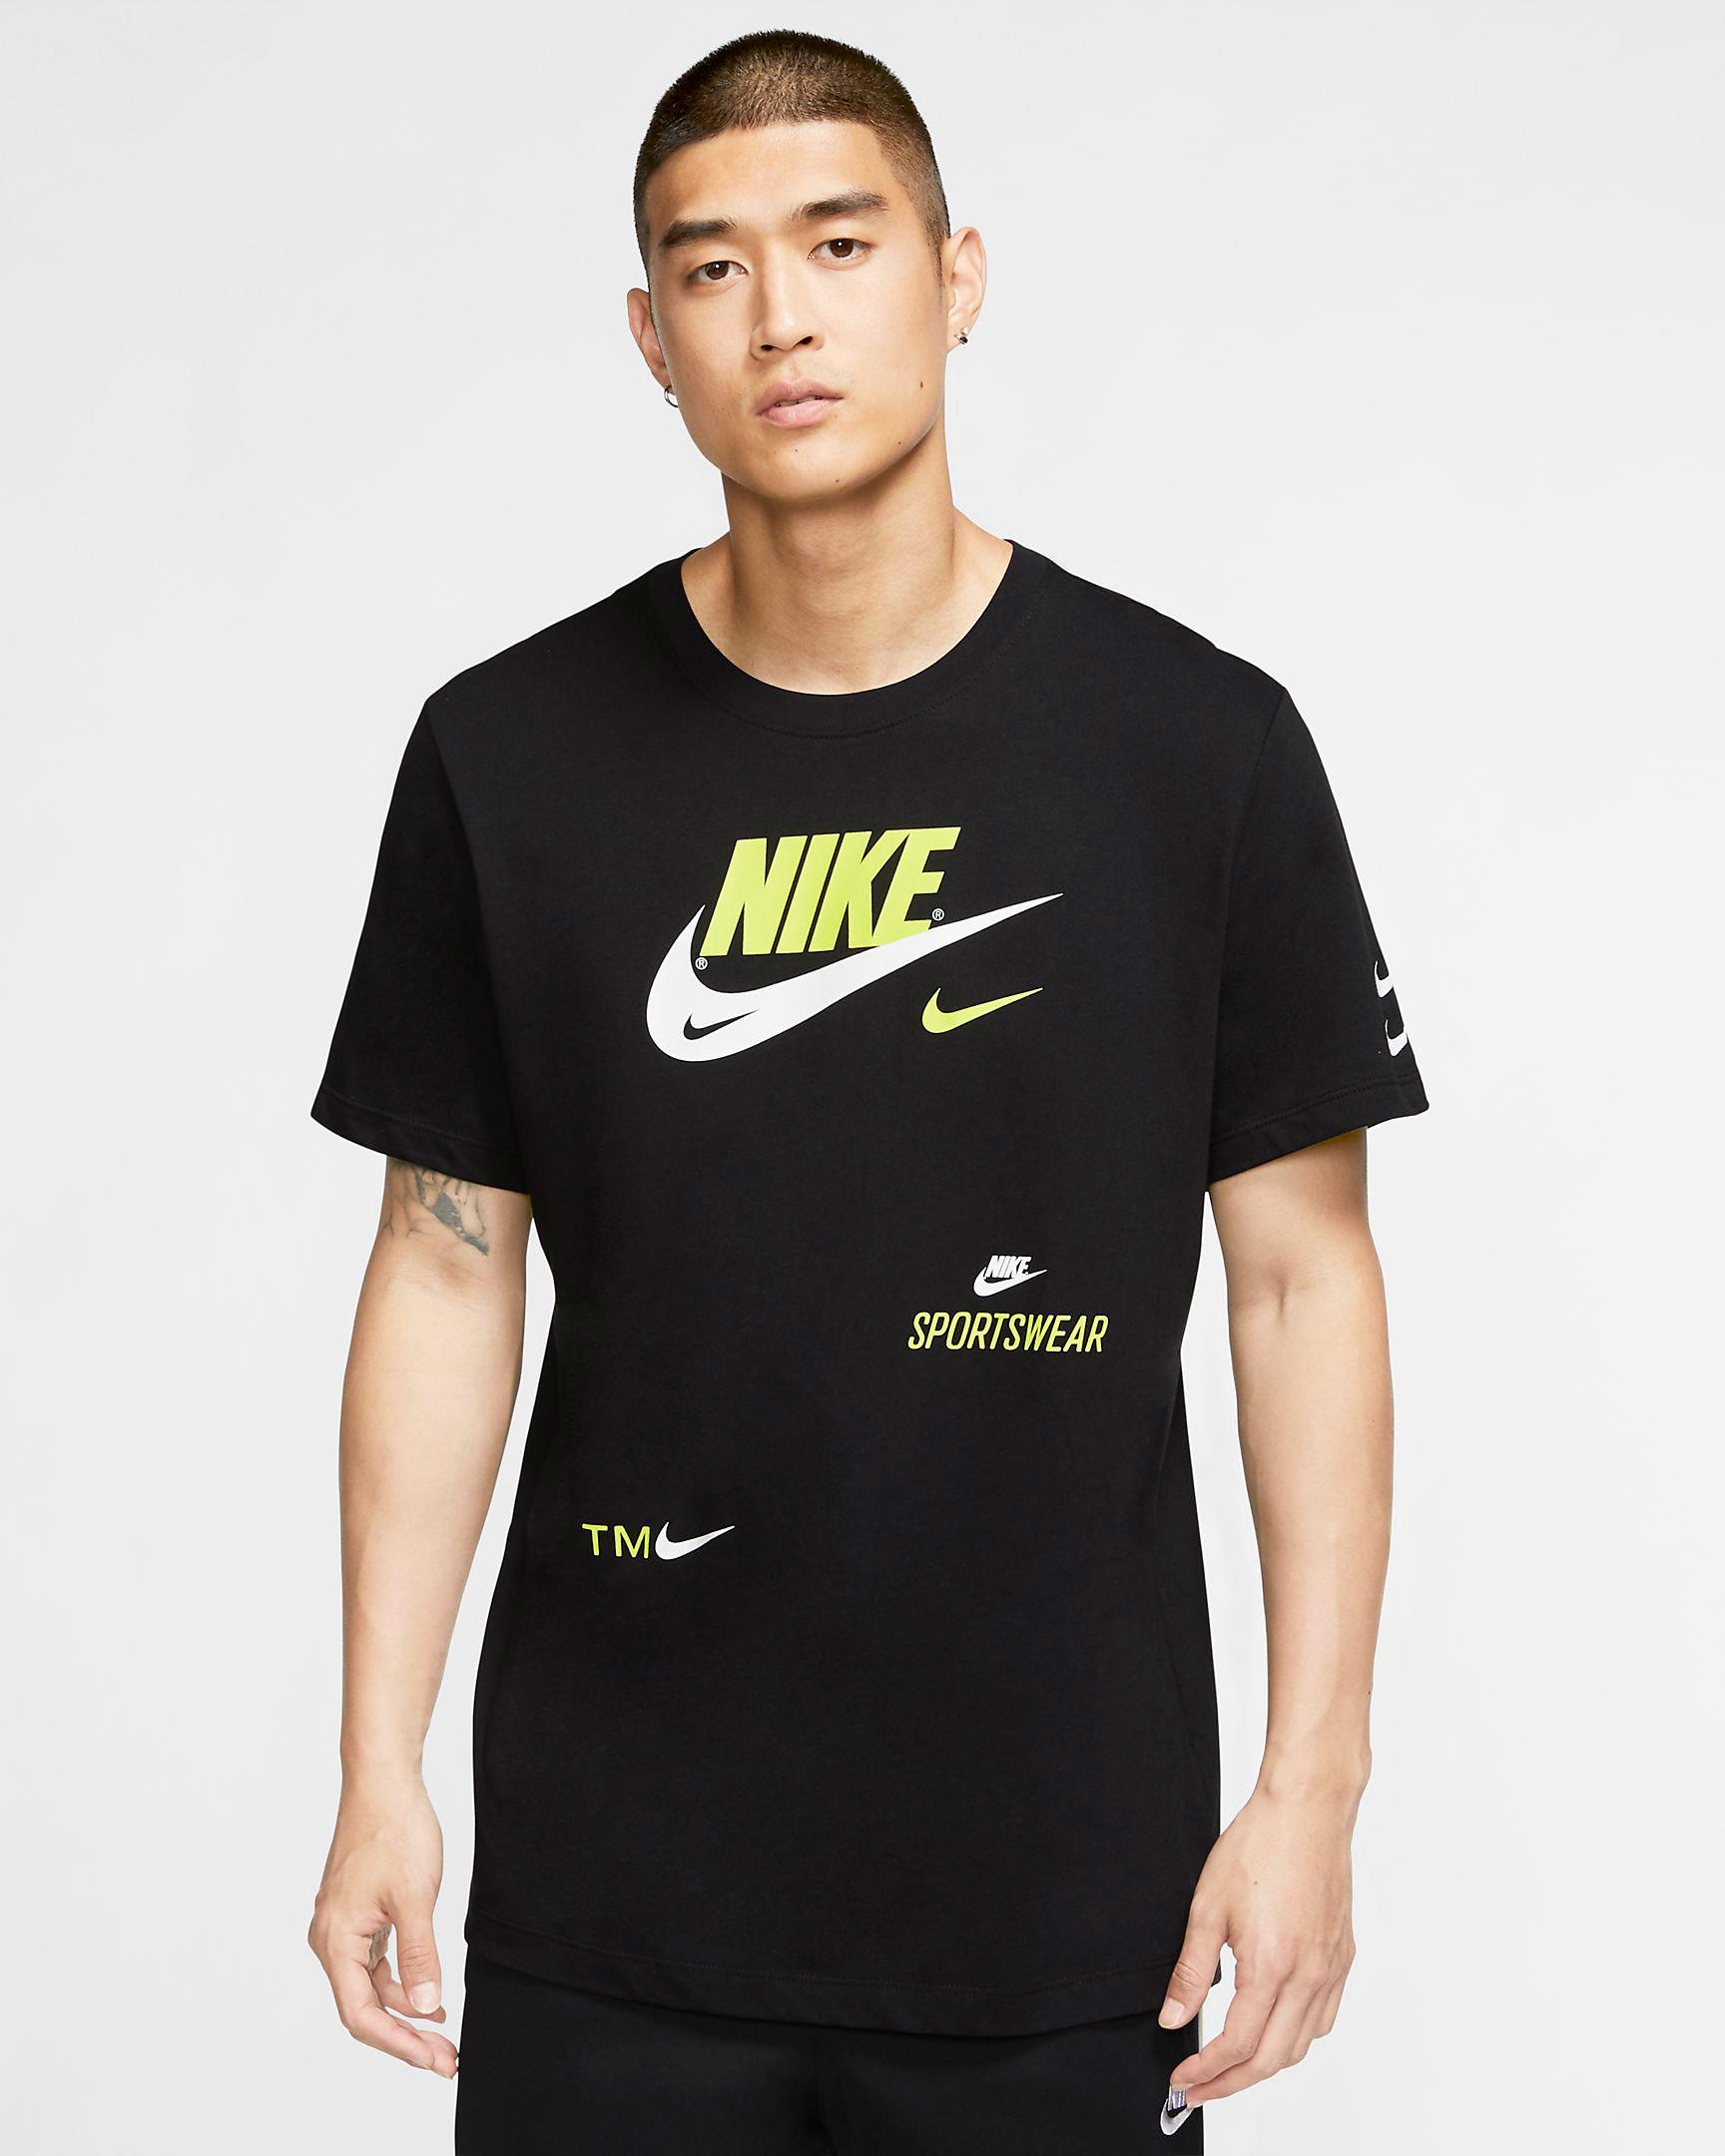 nike-air-max-volt-shirt-2